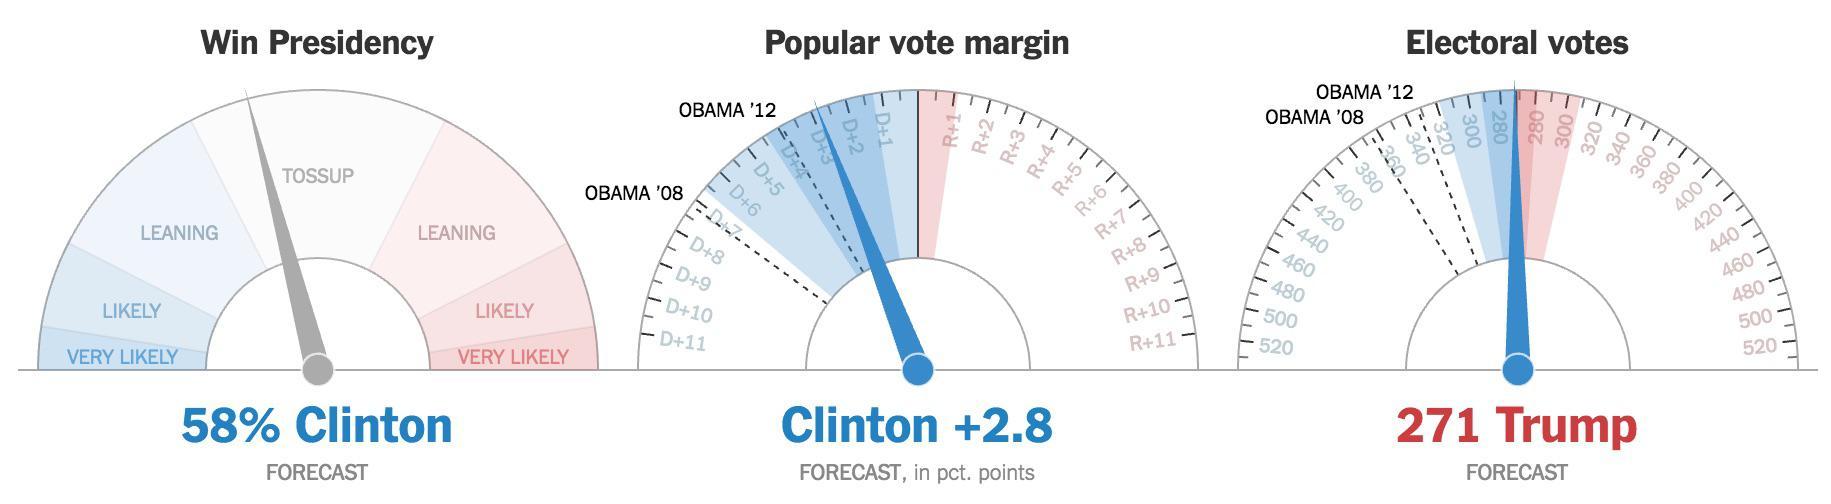 Clinton se está desplomando. El NYT ya da la victoria a Trump en votos electorales.